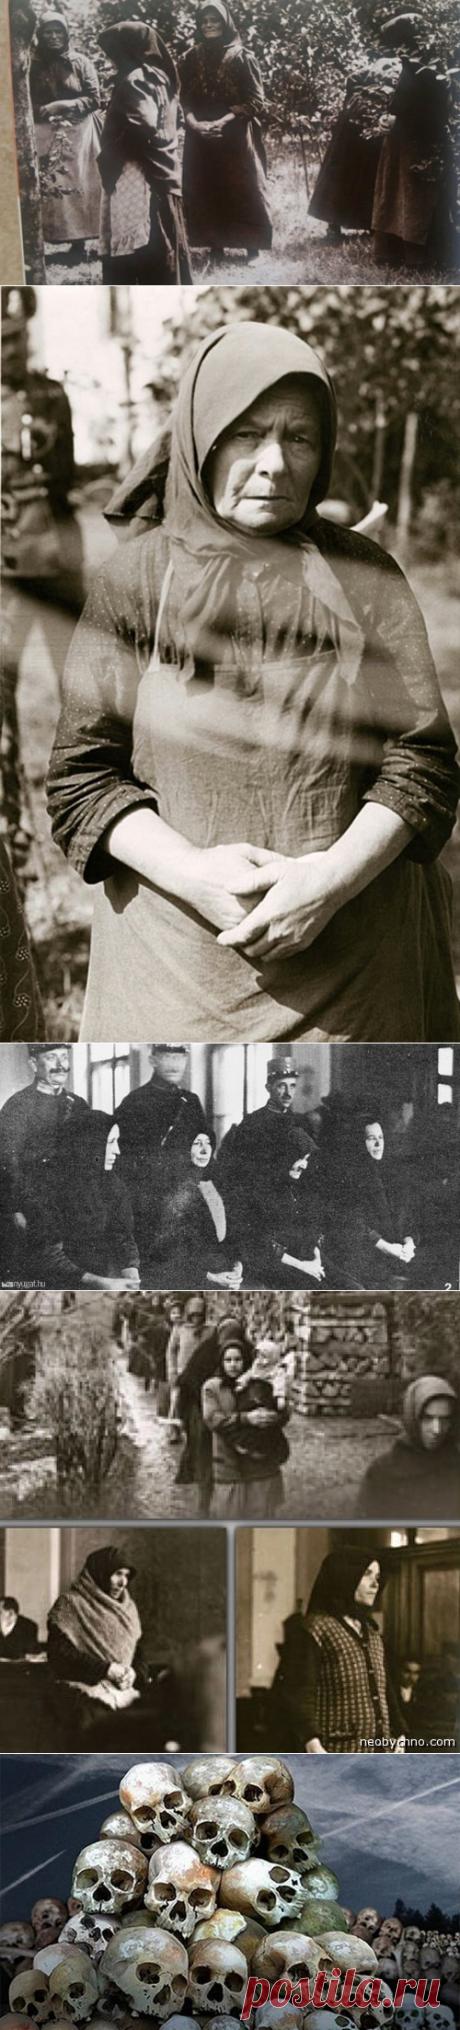 Черные вдовы: деревня женщин-маньячек | Умный волчара | Яндекс Дзен